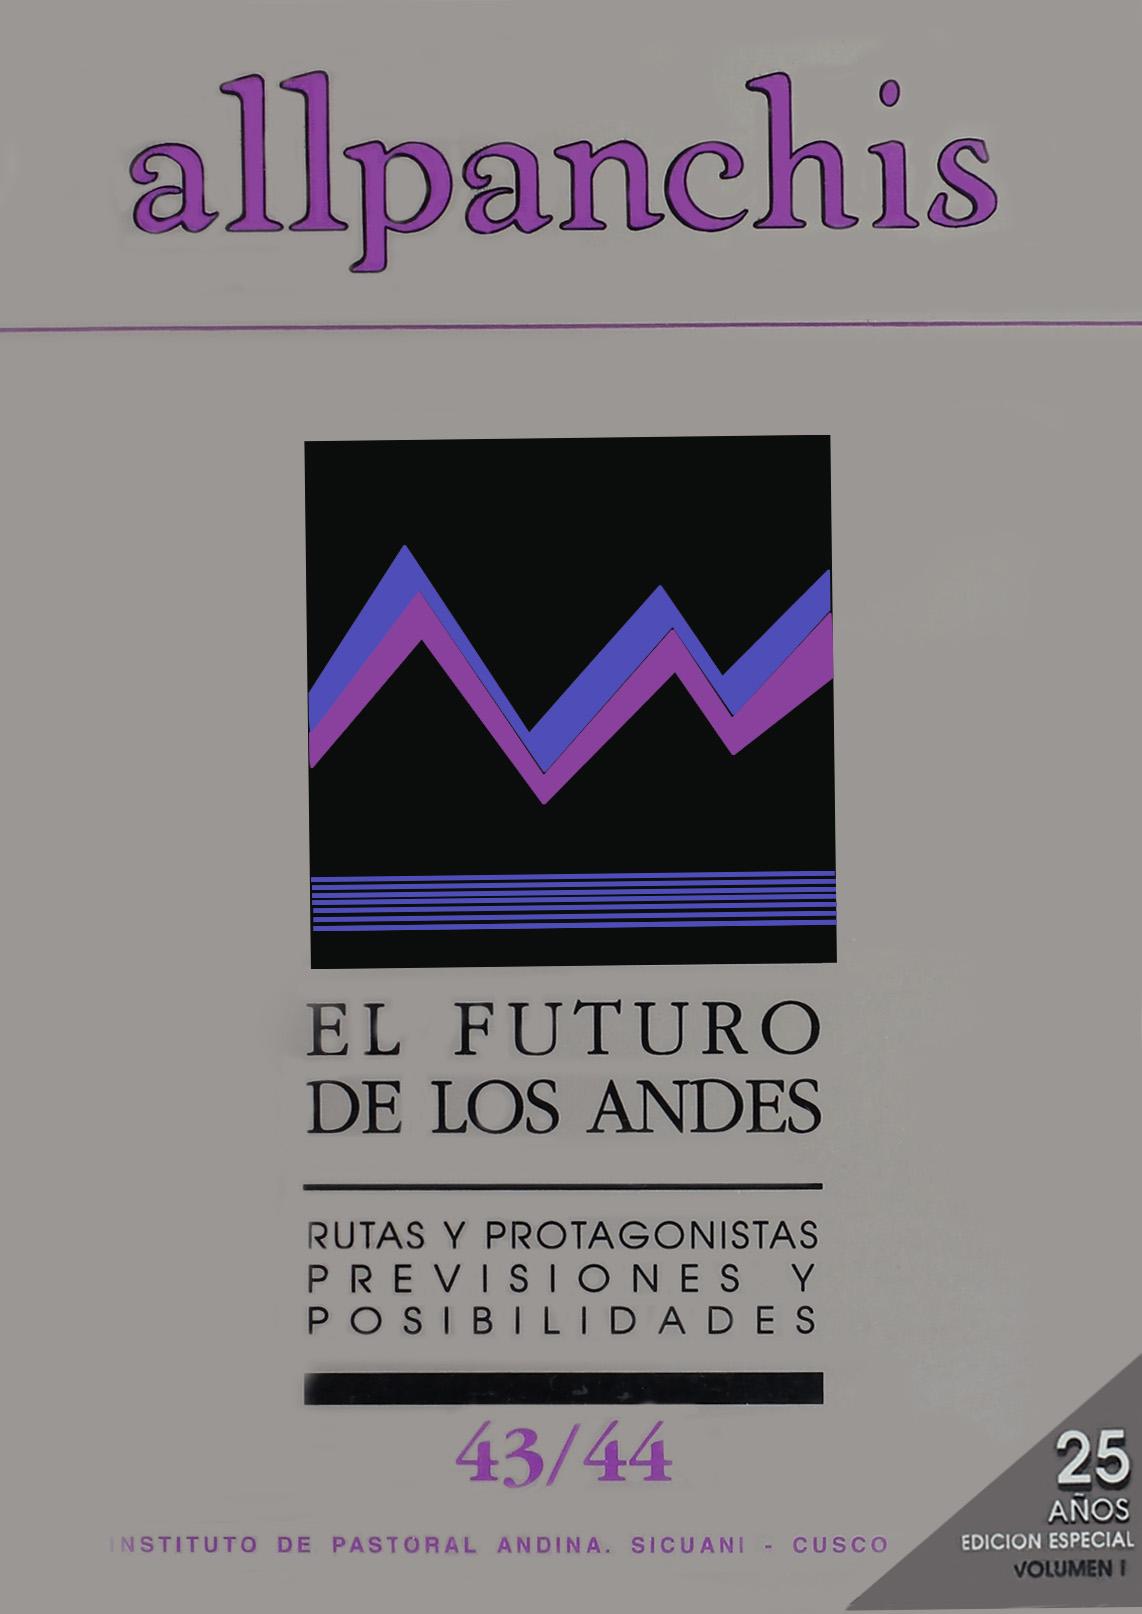 Allpanchis 43/44, vol. 2 (carátula)